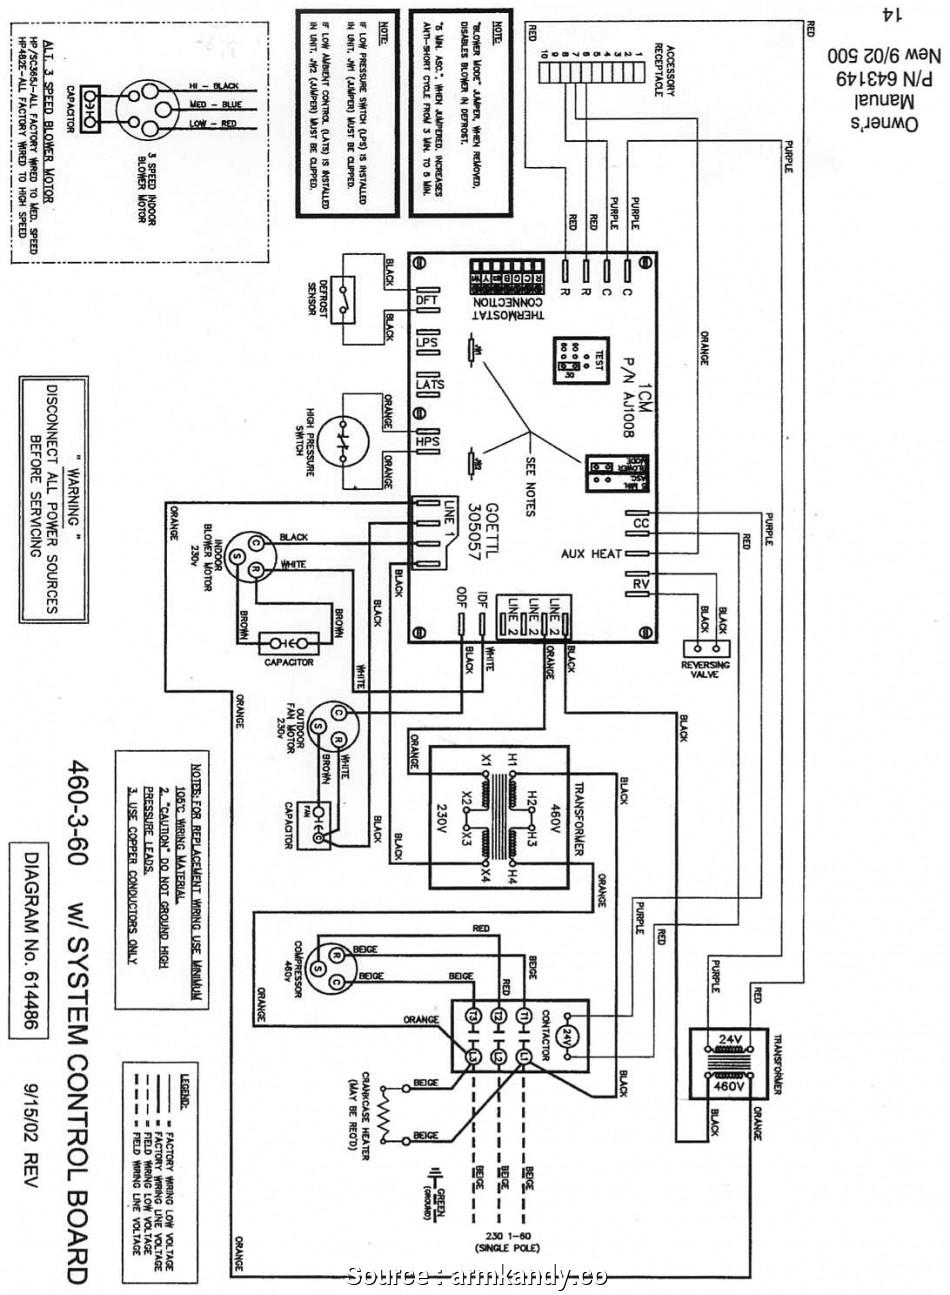 [HX_9839] York Luxaire Coleman Honeywell Heat Pump Defrost